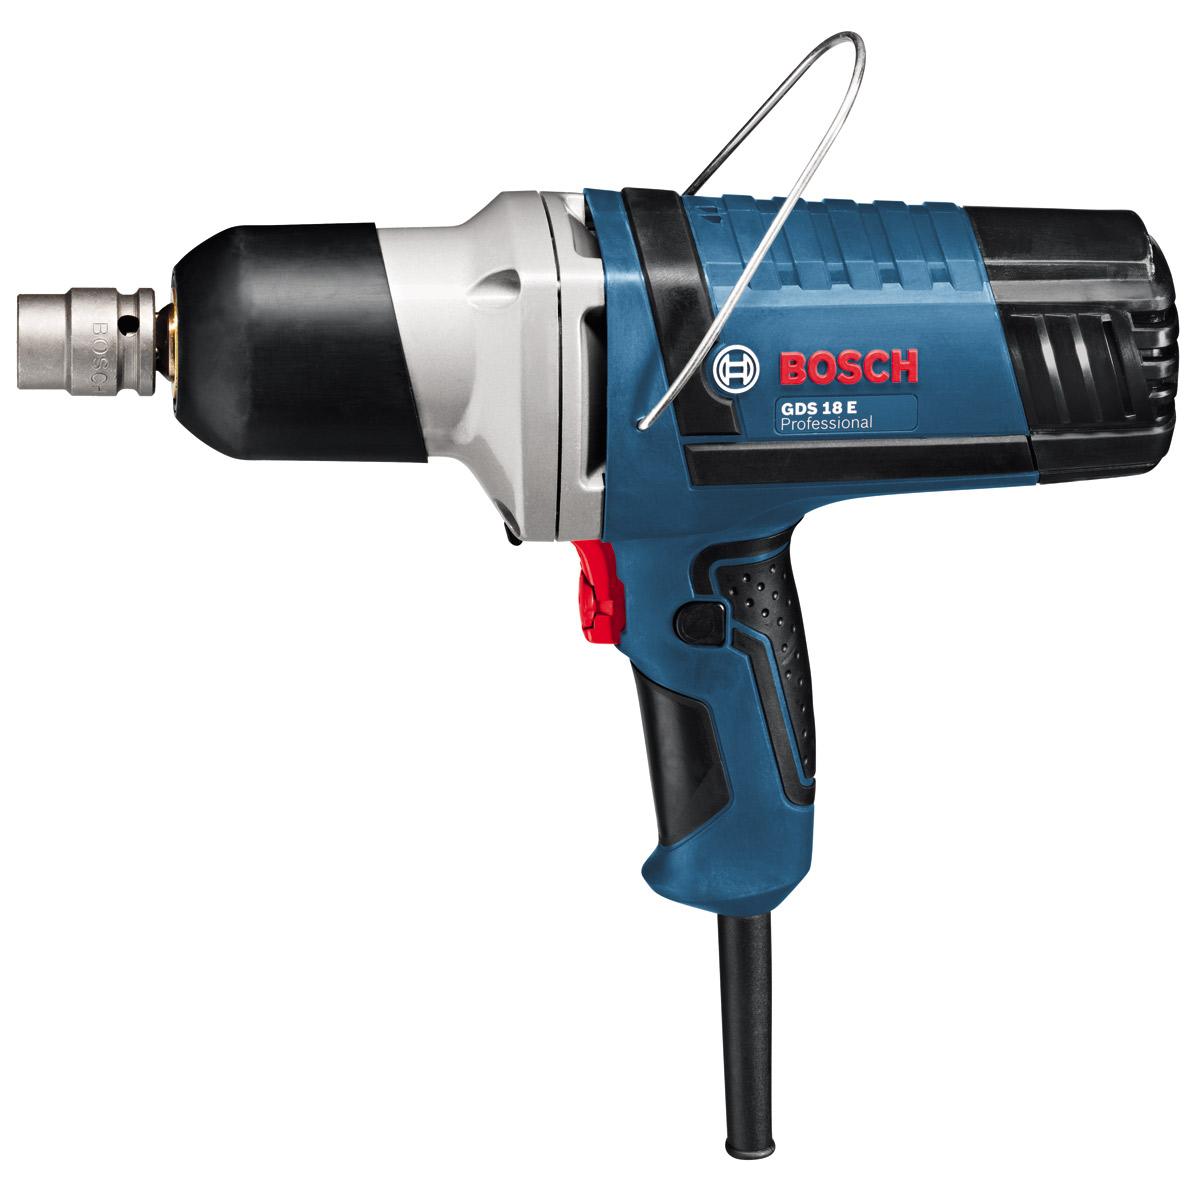 ��������� Bosch 601444000 gds 18